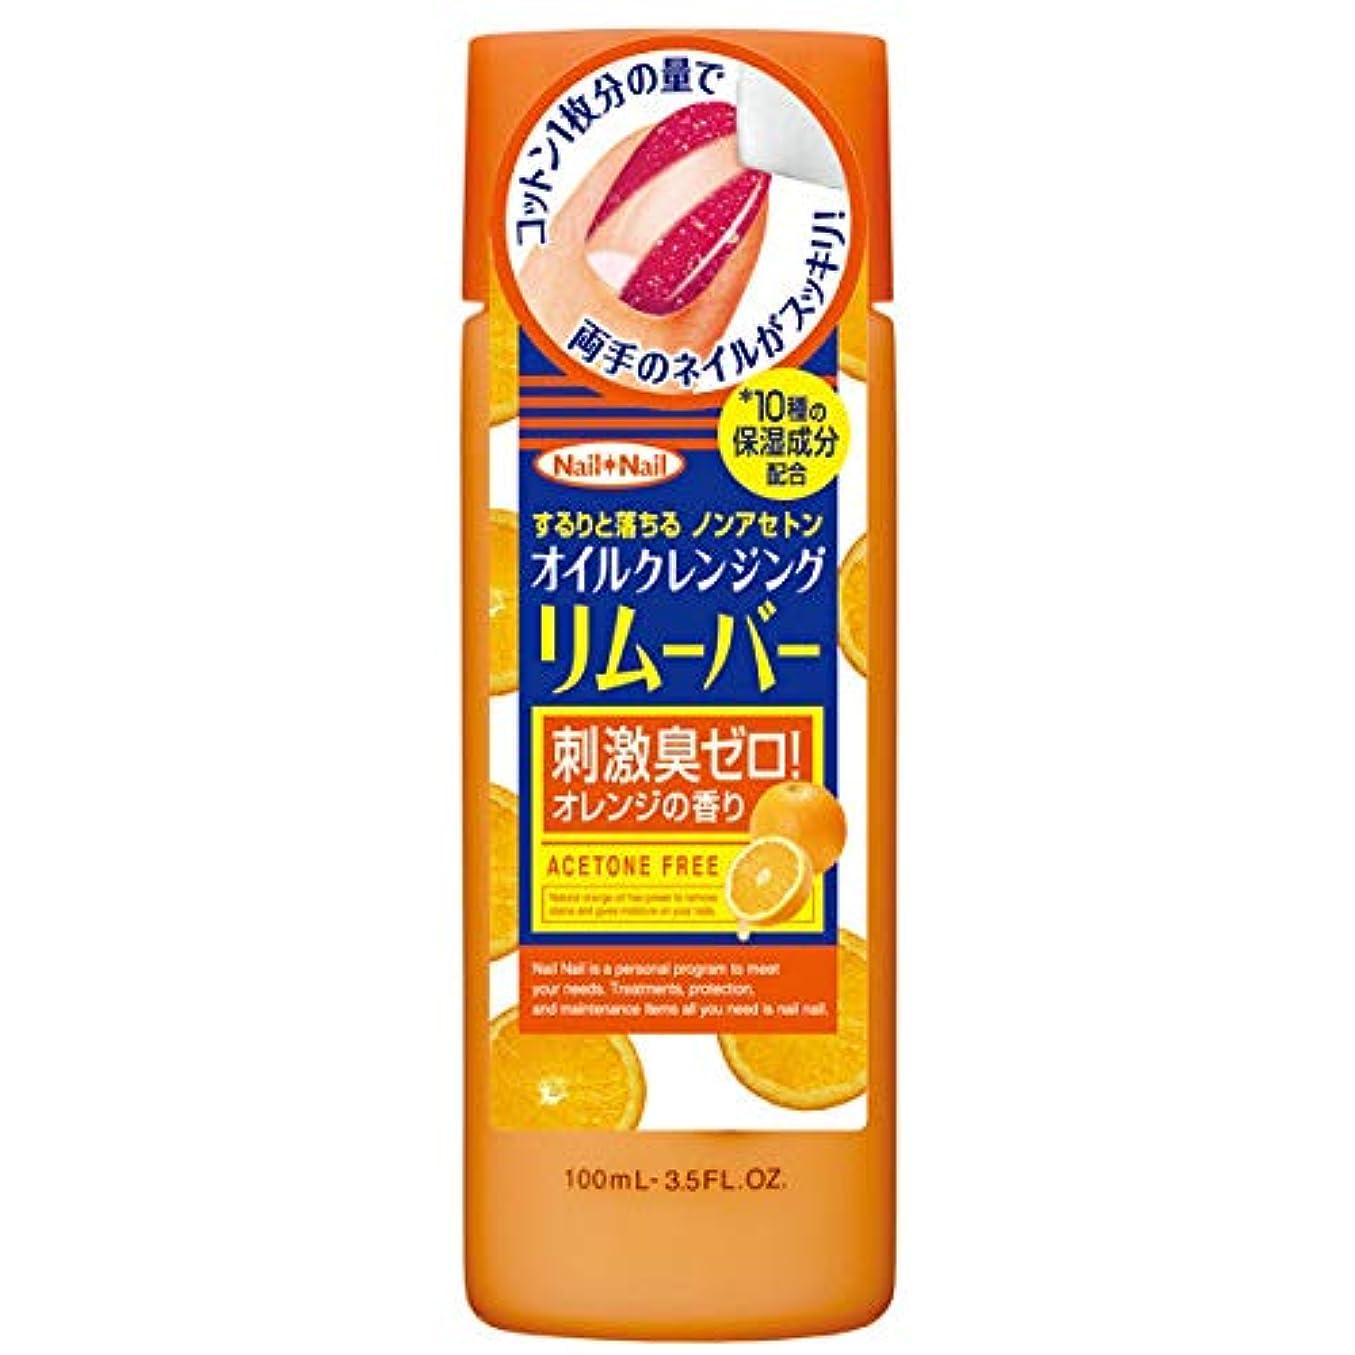 司法規模乙女【BCLカンパニー】ネイルネイル オイルクレンジング リムーバー 100ml